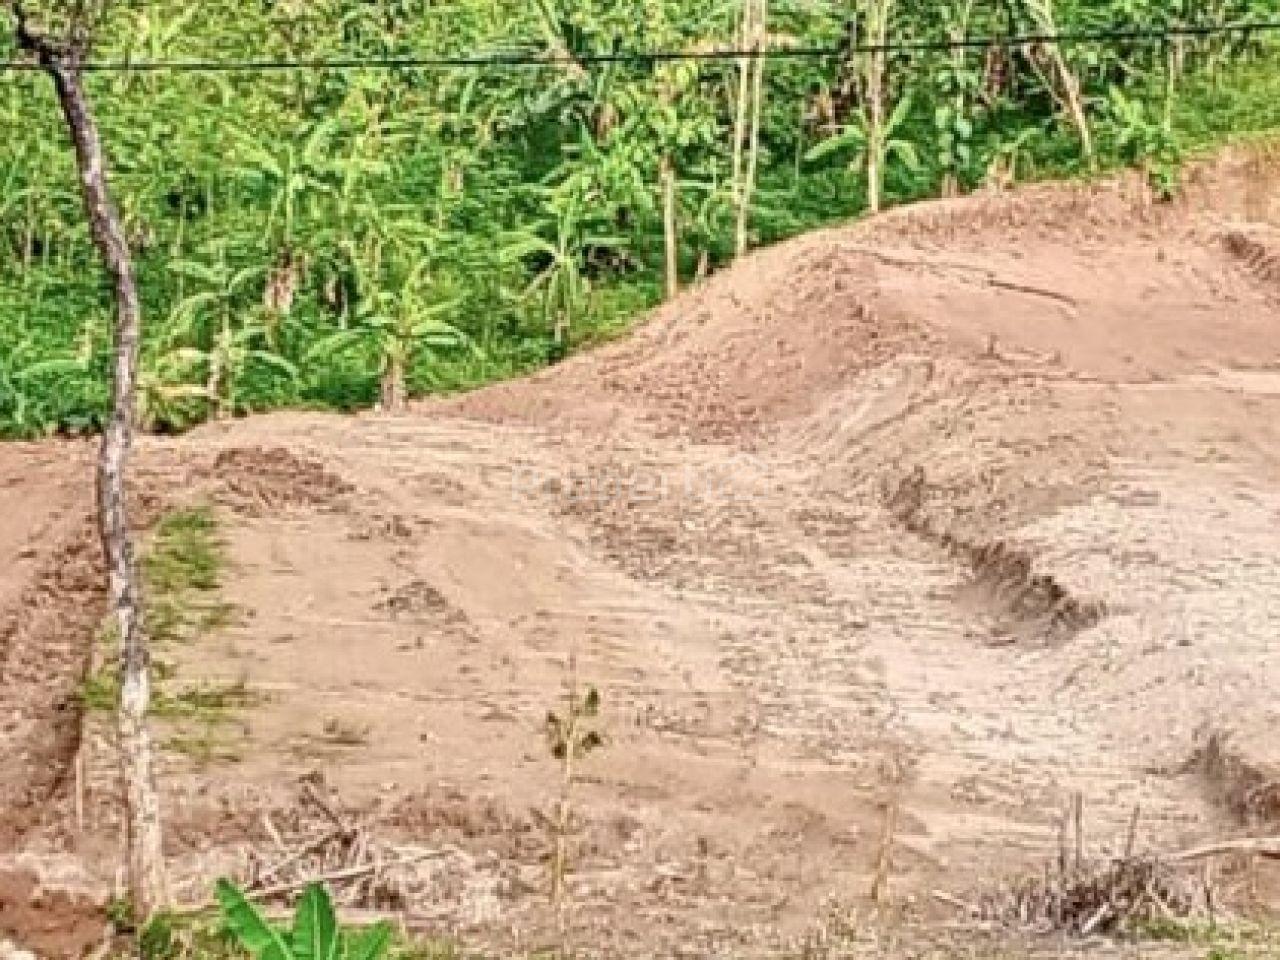 Plot Land in Sadeng, Gunungpati, Semarang, Kota Semarang